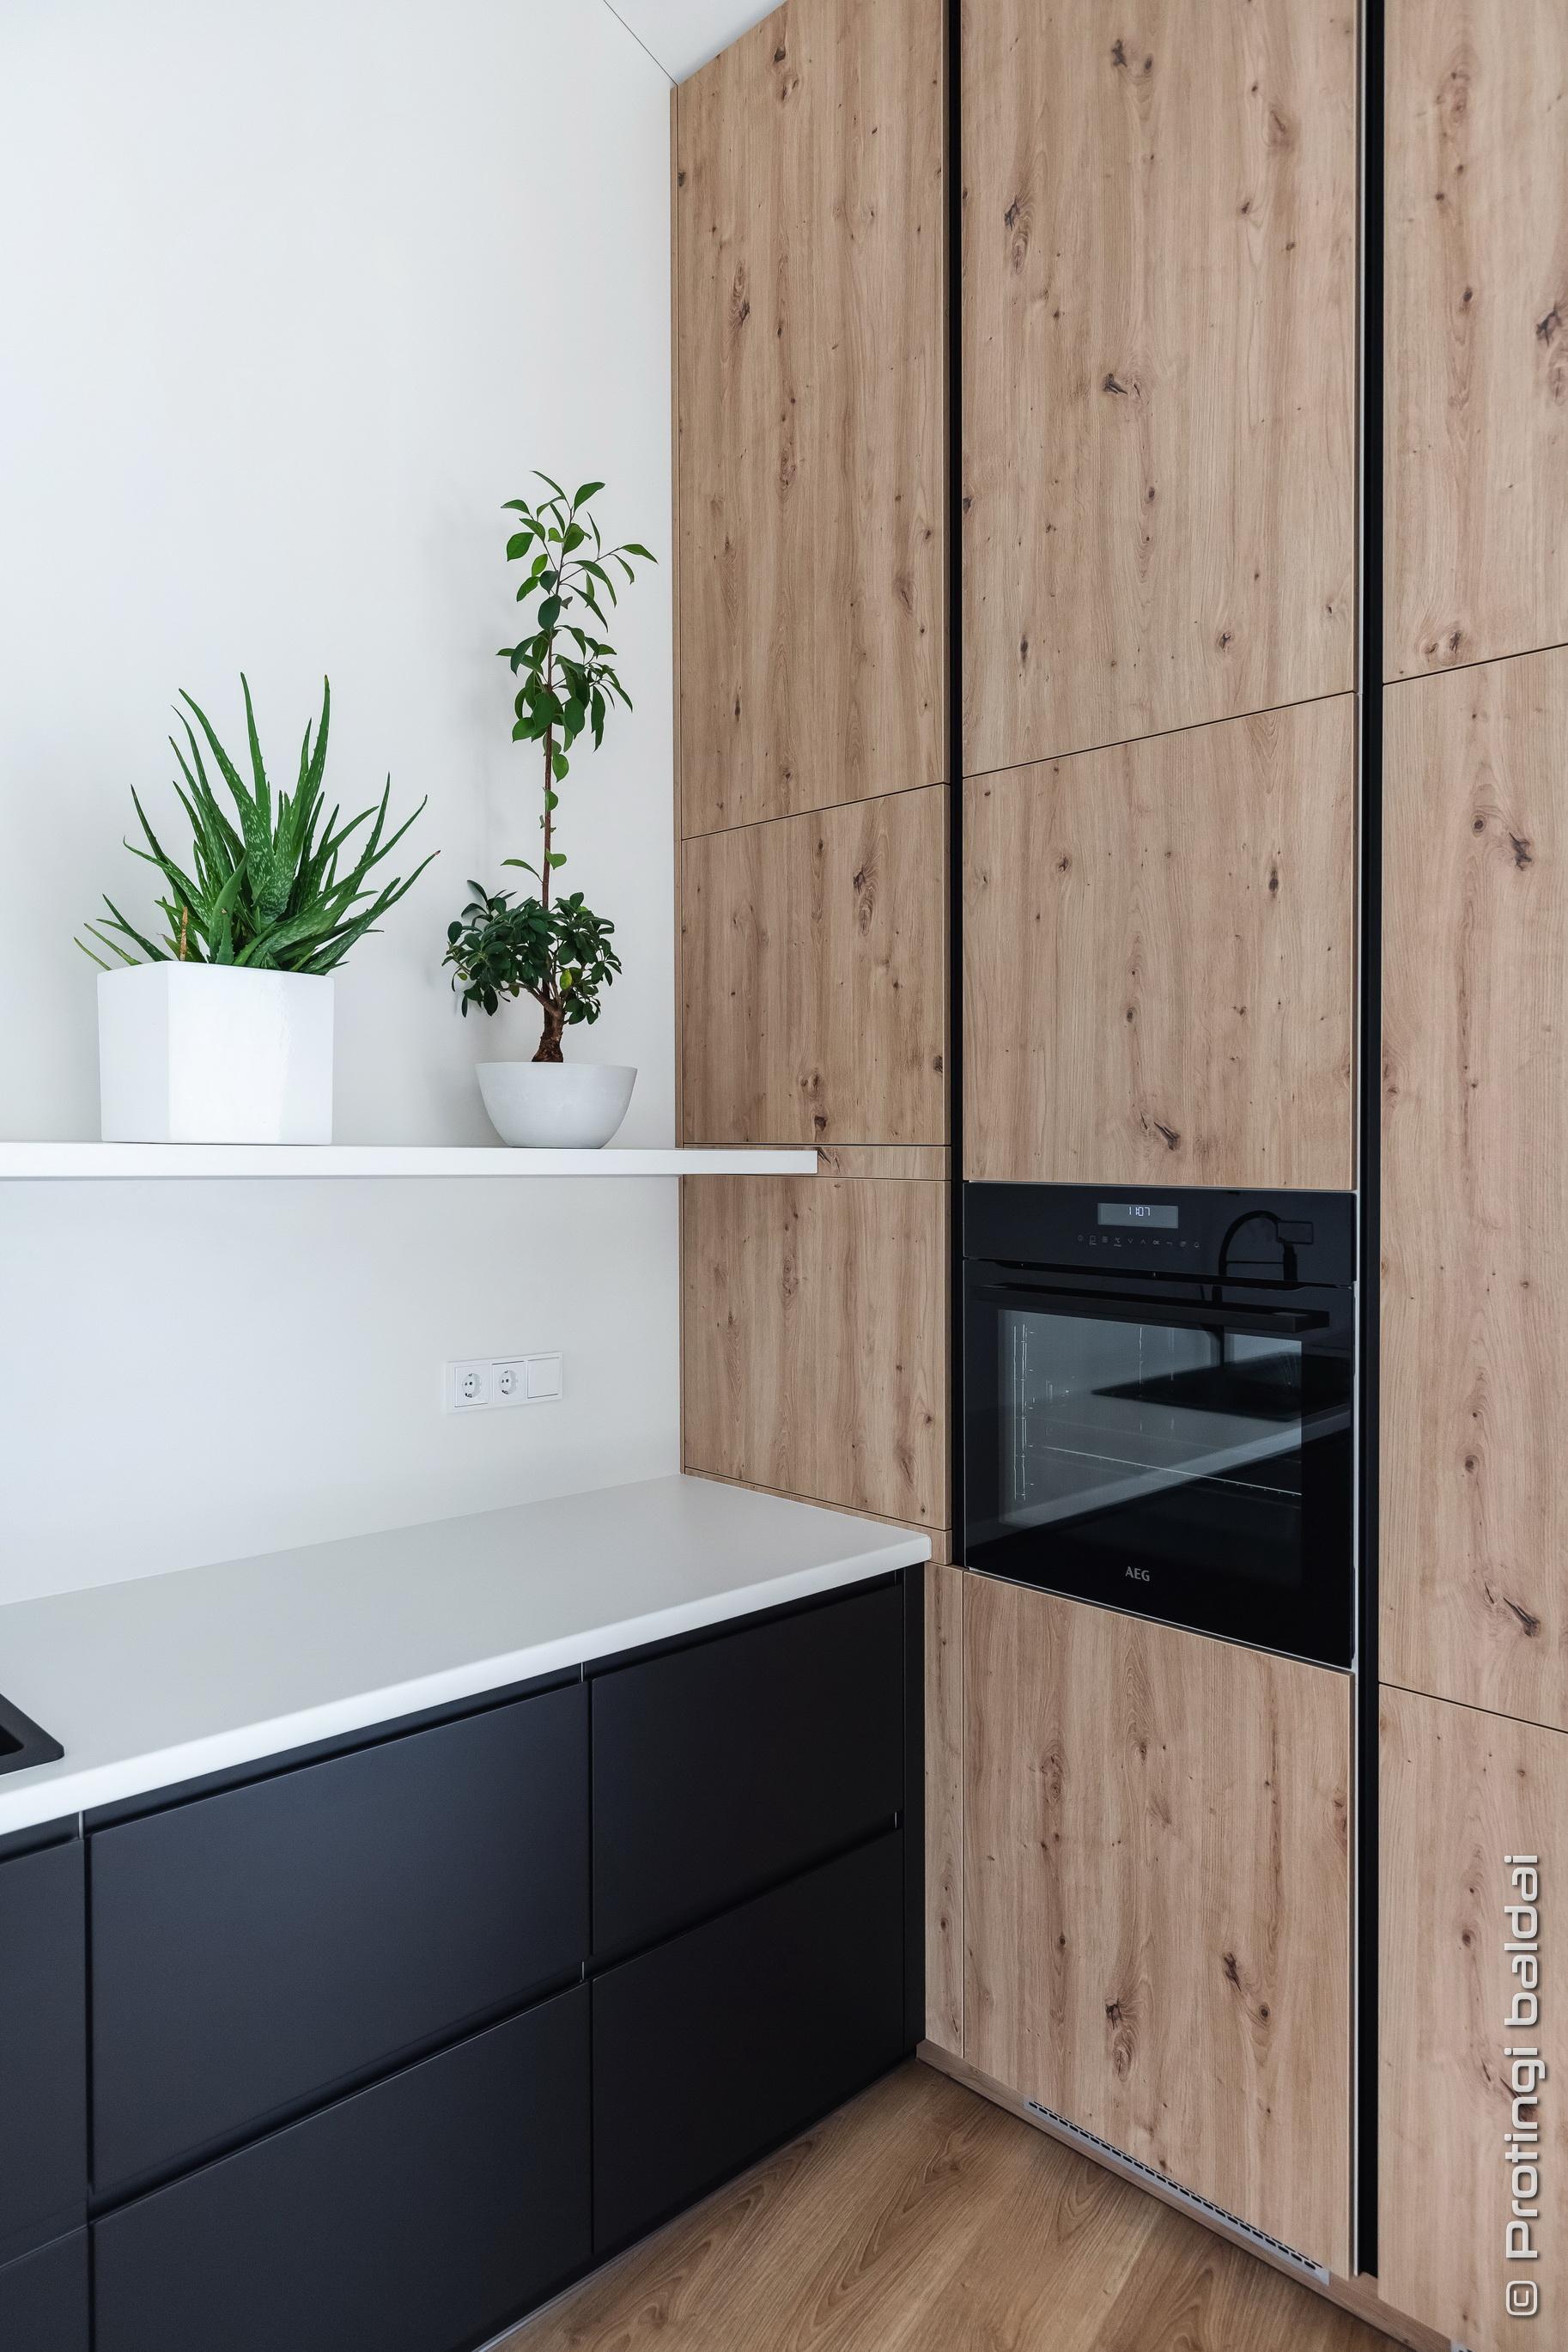 virtuve-vonia-PB35_03